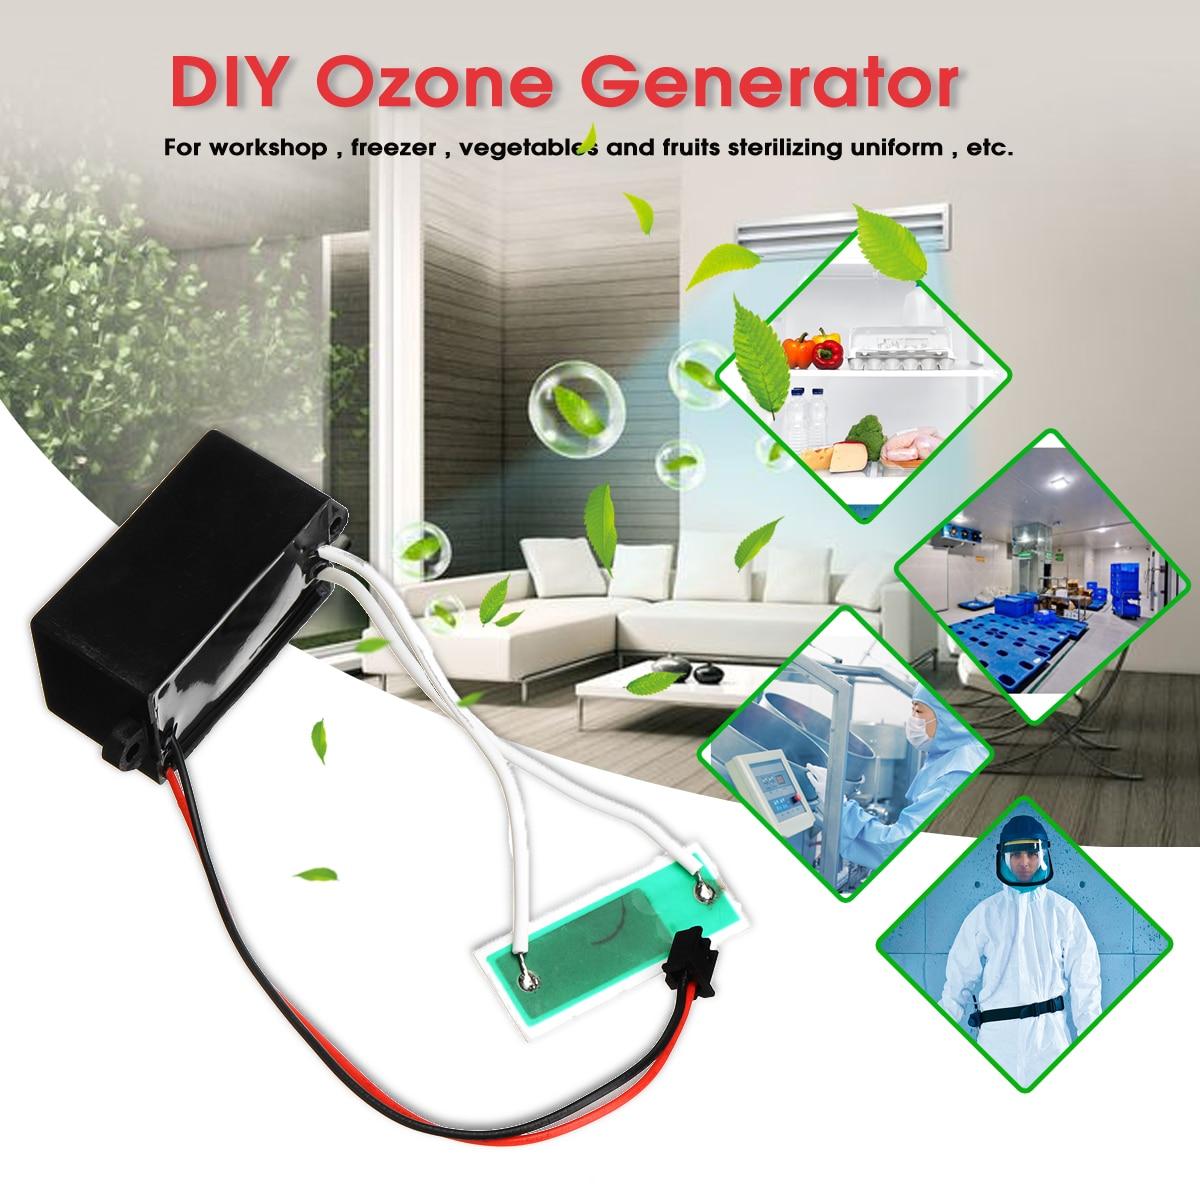 Warmtoo 12 V Schwarz 200 mgr/std DIY Ozon Generator Luft Reiniger Für Hause Luft Reinigung Desinfektion Gemüse Obst